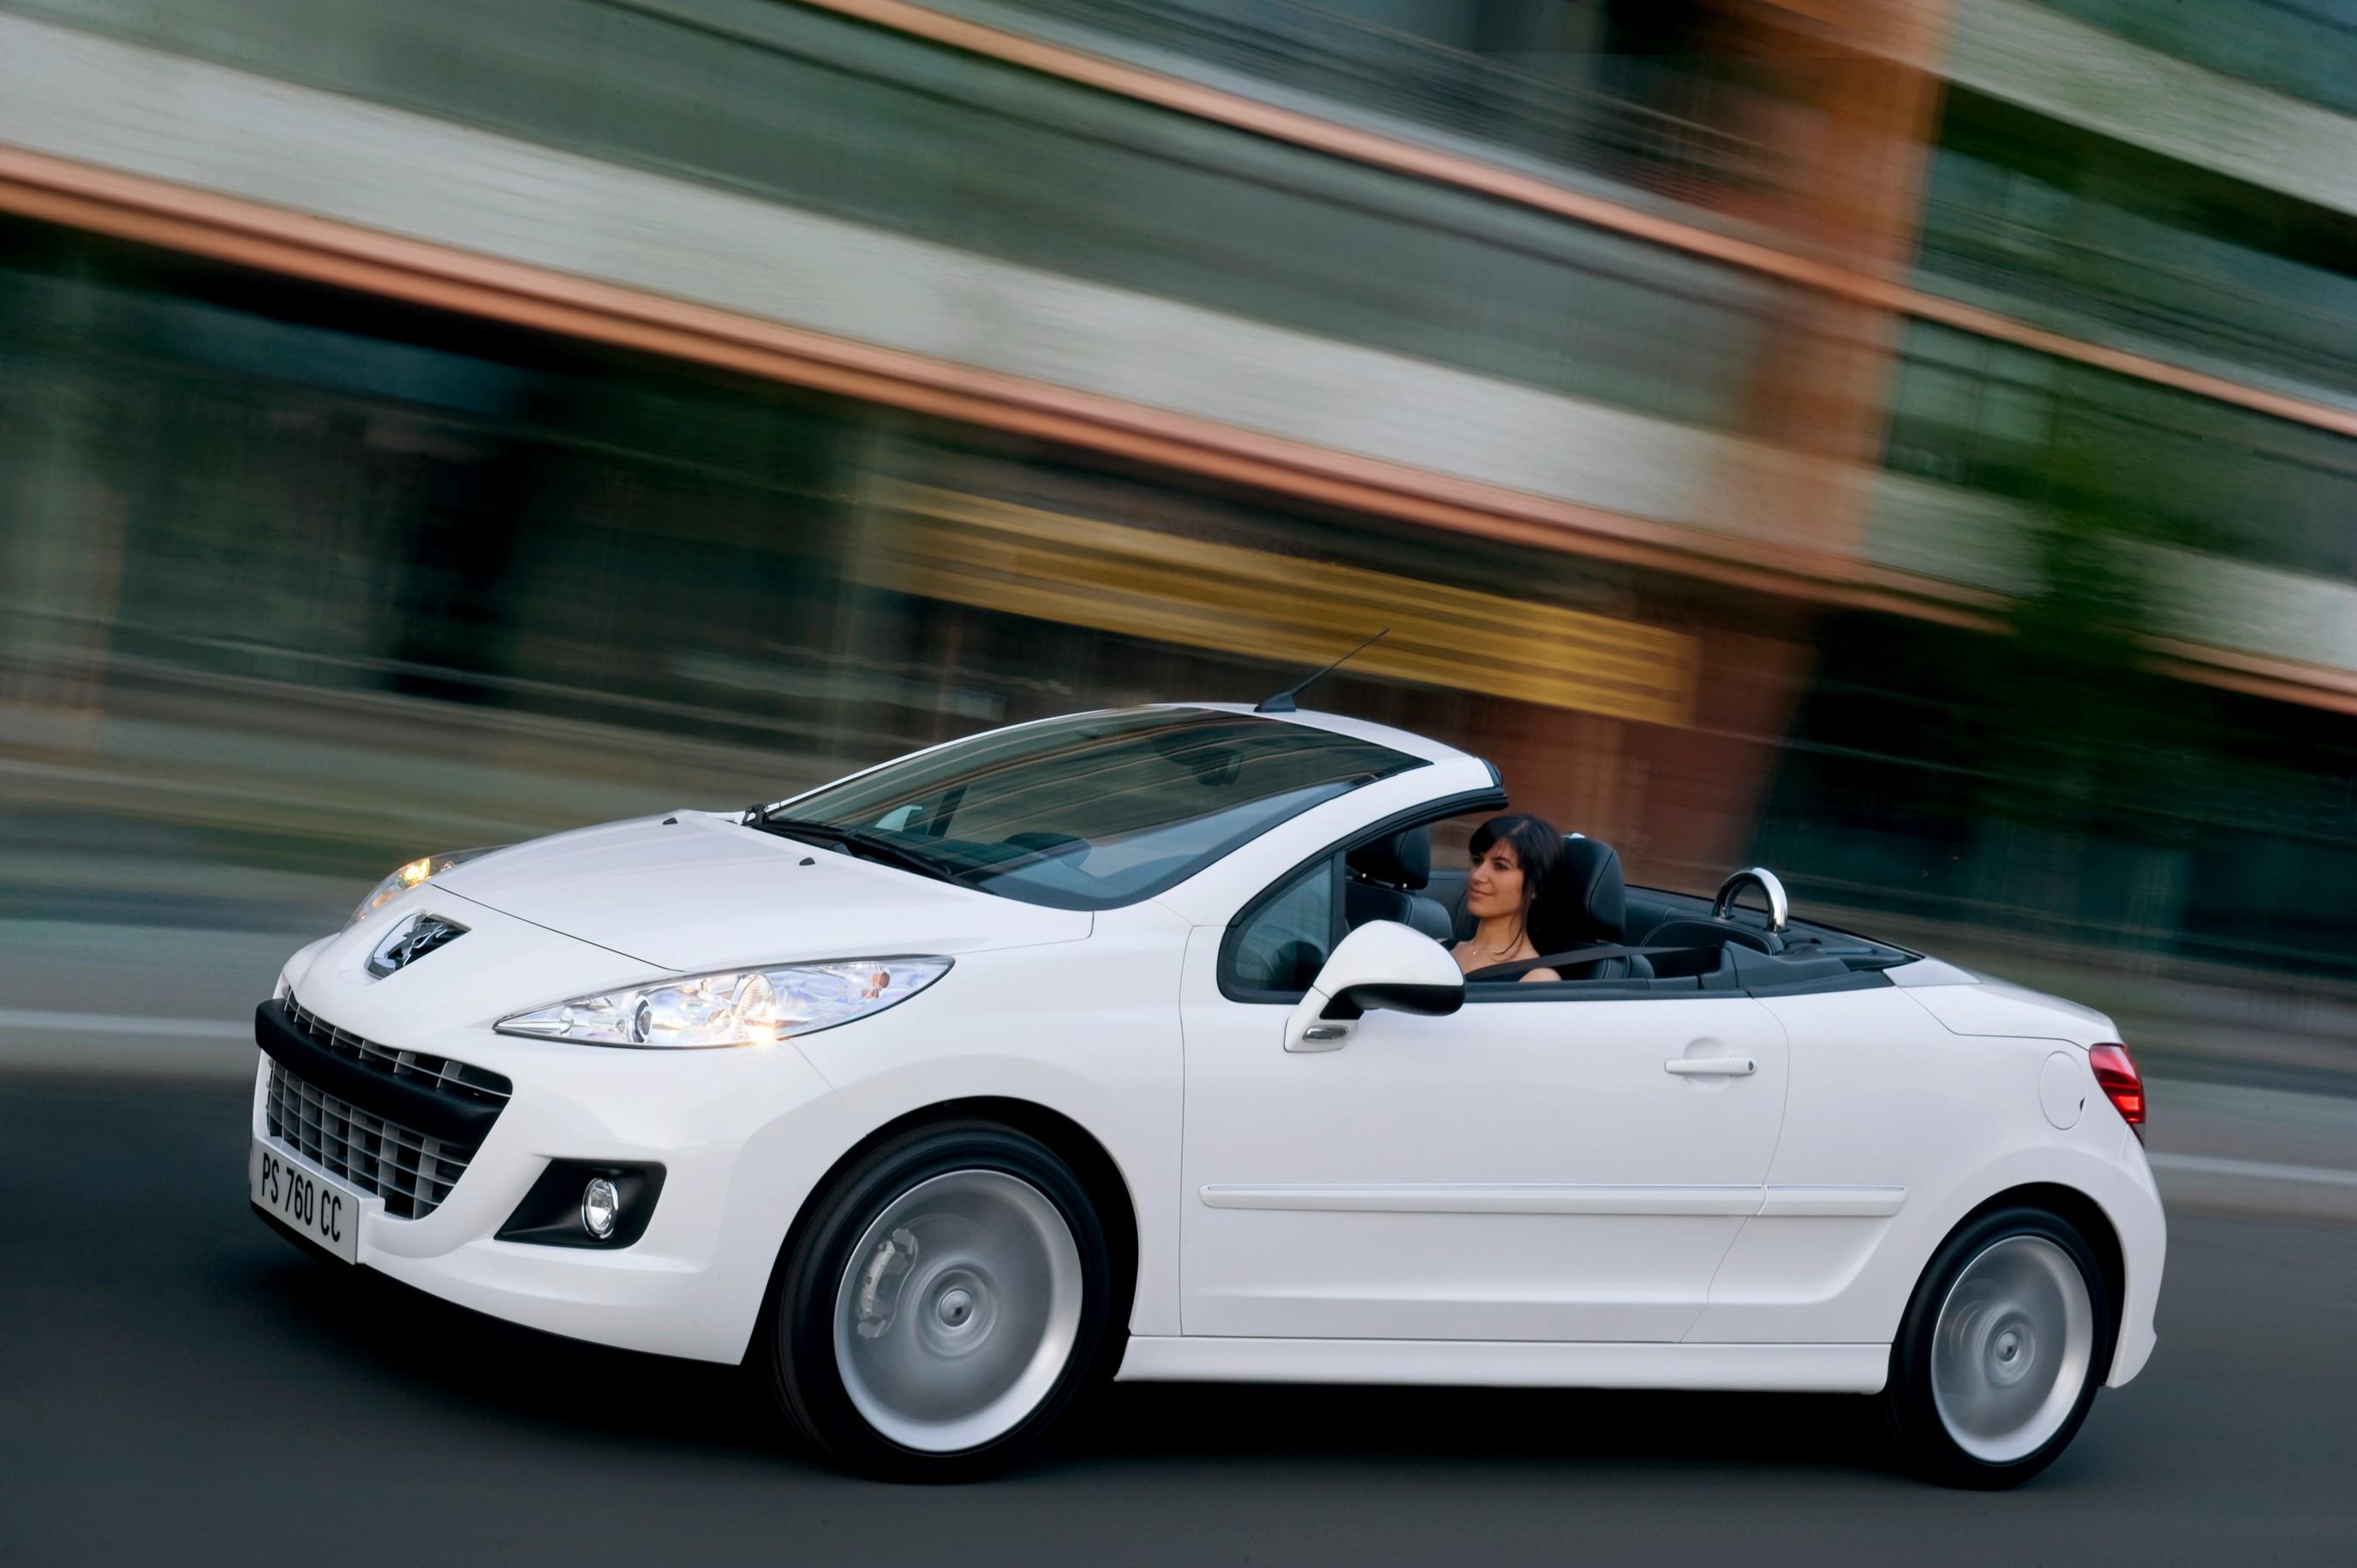 Fiche technique Peugeot 207 1.6 16v - Auto titre